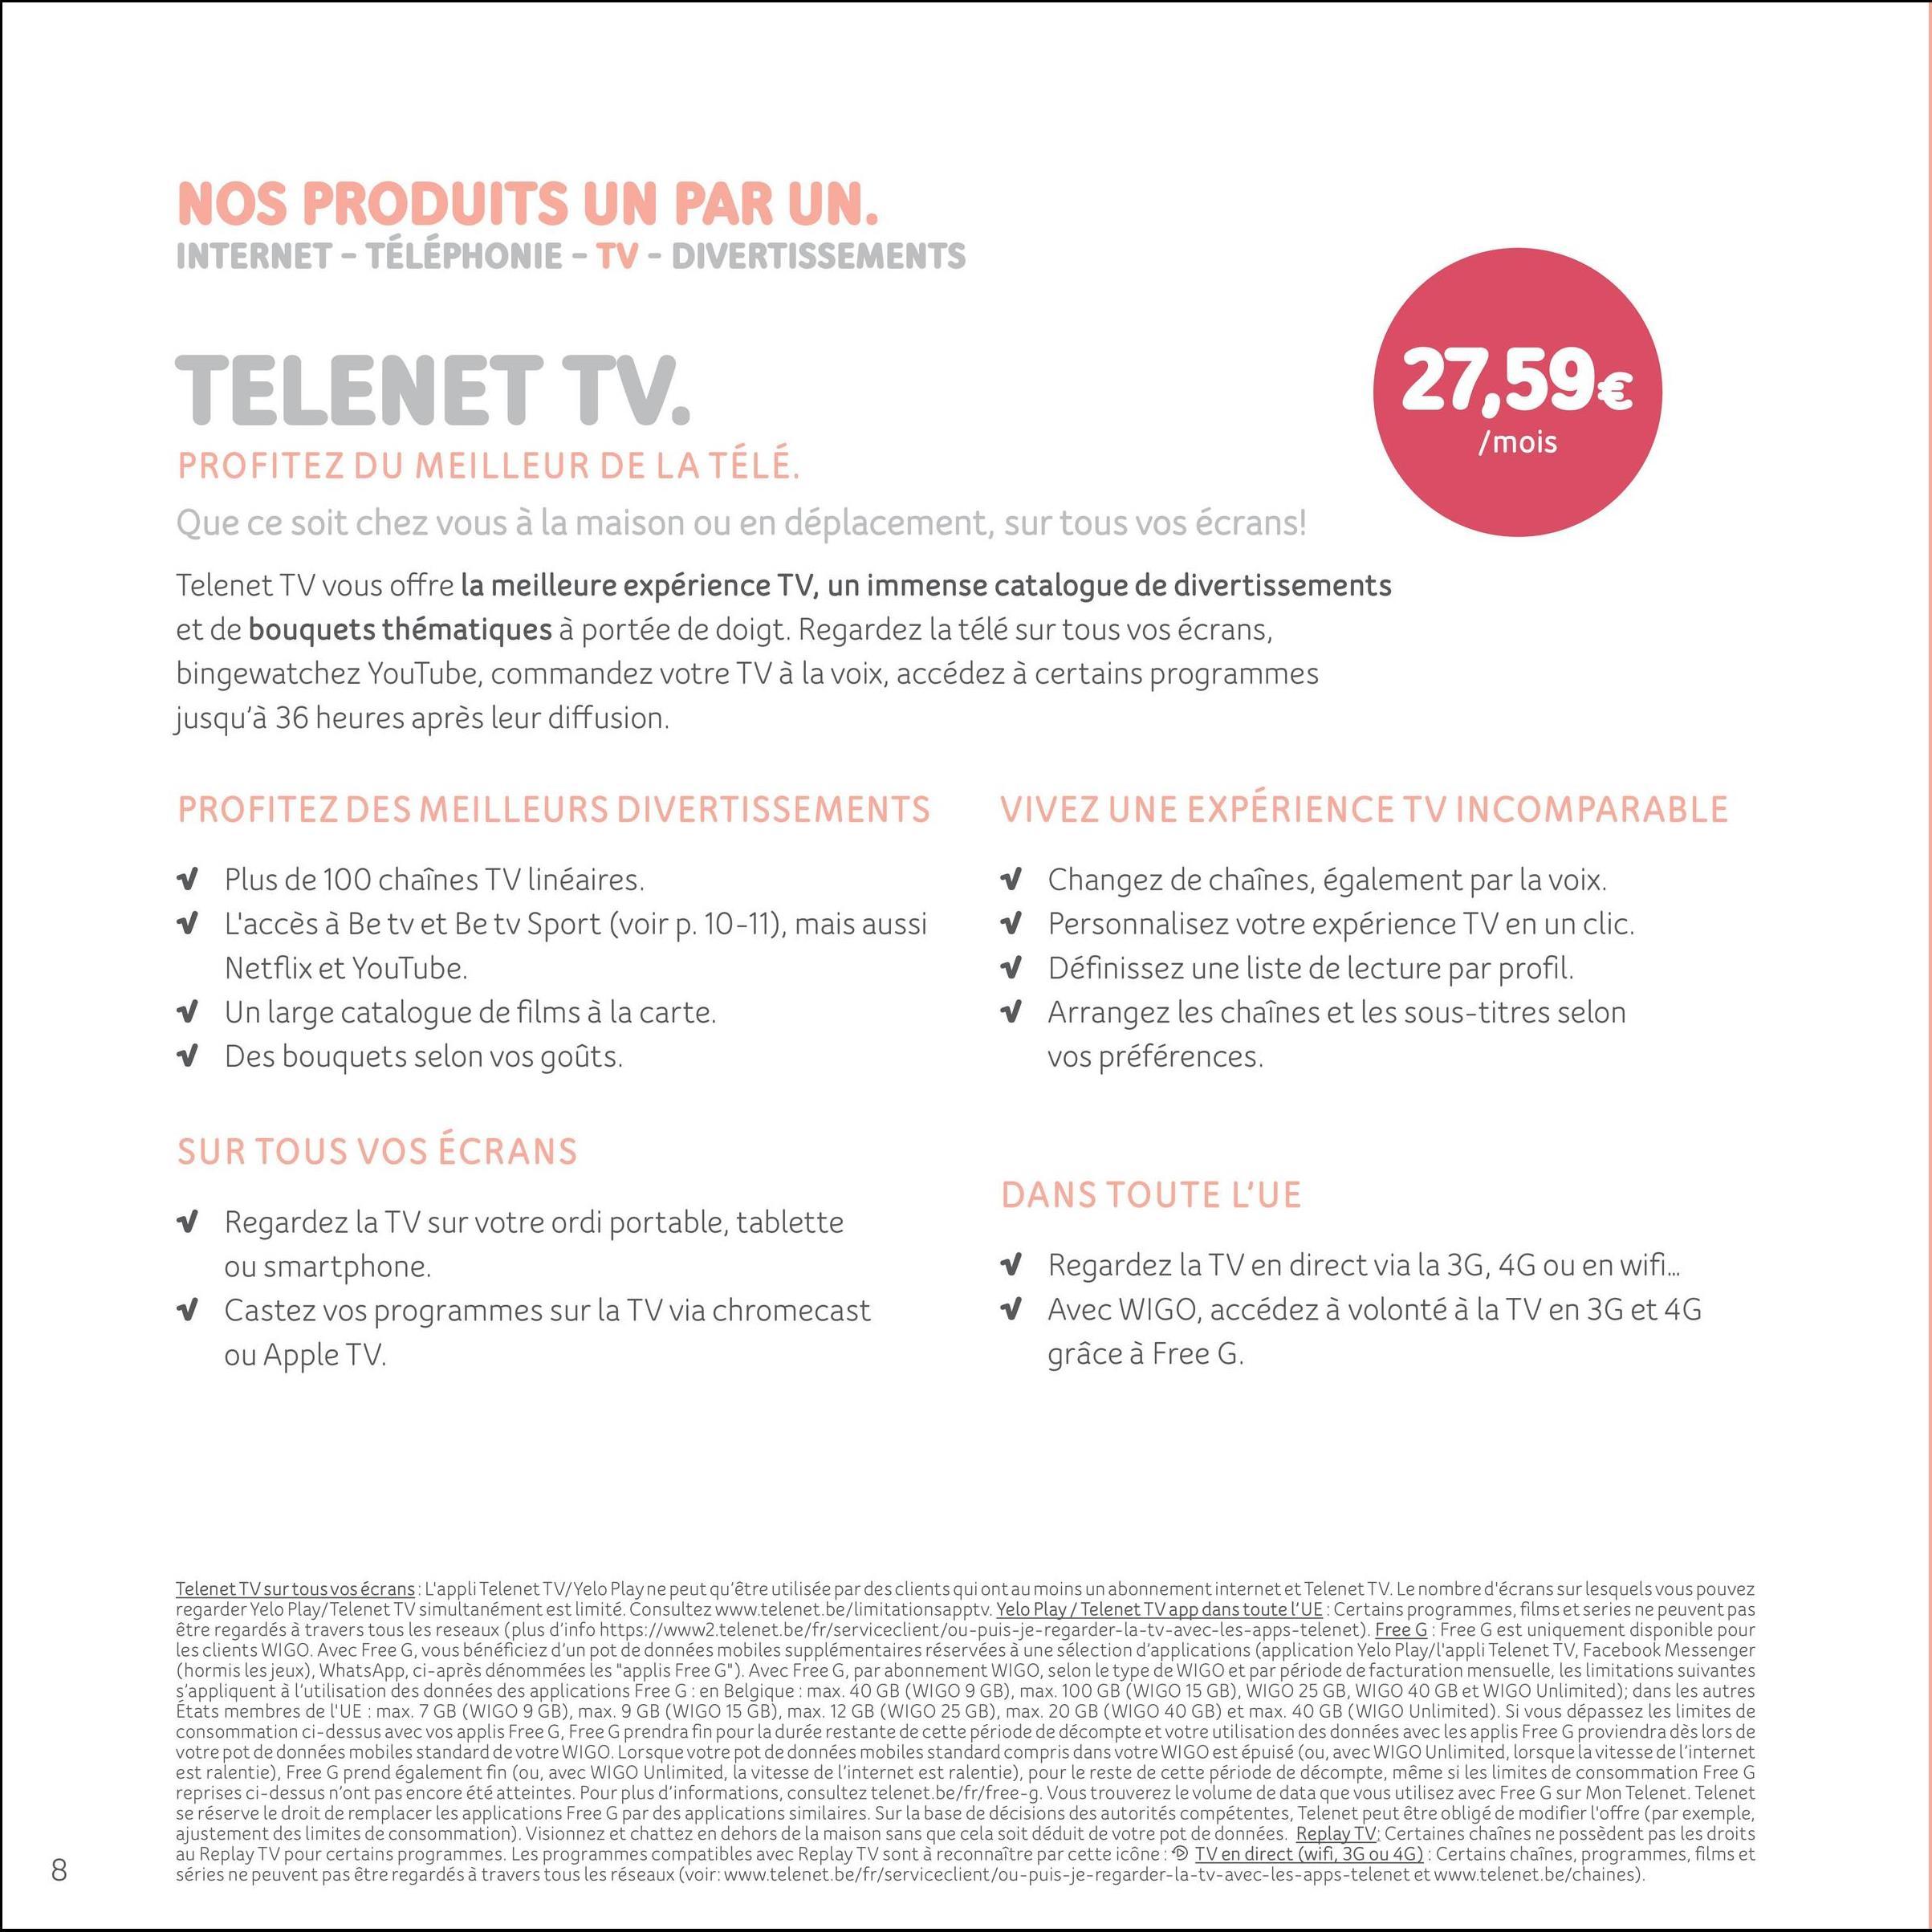 NOS PRODUITS UN PAR UN. INTERNET - TÉLÉPHONIE - TV - DIVERTISSEMENTS TELENET TV. 27.59€ /mois PROFITEZ DU MEILLEUR DE LA TÉLÉ. Que ce soit chez vous à la maison ou en déplacement, sur tous vos écrans! Telenet TV vous offre la meilleure expérience TV, un immense catalogue de divertissements et de bouquets thématiques à portée de doigt. Regardez la télé sur tous vos écrans, bingewatchez YouTube, commandez votre TV à la voix, accédez à certains programmes jusqu'à 36 heures après leur diffusion. PROFITEZ DES MEILLEURS DIVERTISSEMENTS VIVEZ UNE EXPÉRIENCE TVINCOMPARABLE V Plus de 100 chaînes TV linéaires. V L'accès à Be tv et Be tv Sport (voir p. 10-11), mais aussi Netflix et YouTube V Un large catalogue de films à la carte. ✓ Des bouquets selon vos goûts. w Changez de chaînes, également par la voix. V Personnalisez votre expérience TV en un clic. V Définissez une liste de lecture par profil. V Arrangez les chaînes et les sous-titres selon vos préférences. SUR TOUS VOS ÉCRANS DANS TOUTE L'UE ✓ Regardez la TV sur votre ordi portable, tablette ou smartphone. v Castez vos programmes sur la TV via chromecast ou Apple TV. V V Regardez la TV en direct via la 3G, 4G ou en wifi... Avec WIGO, accédez à volonté à la TV en 3G et 4G grâce à Free G. Telenet TV sur tous vos écrans: L'appli Telenet TV/Yelo Play ne peut qu'être utilisée par des clients qui ont au moins un abonnement internet et Telenet TV.Le nombre d'écrans surlesquels vous pouvez regarder Yelo Play/Telenet TV simultanément est limité. Consultez www.telenet.be/limitationsapptv. Yelo Play / Telenet TV app dans toute l'UE: Certains programmes, films et series ne peuvent pas être regardés à travers tous les reseaux (plus d'info https://www2.telenet.be/fr/serviceclient/ou-puis-je-regarder-la-tv-avec-les-apps-telenet). Free G: Free G est uniquement disponible pour les clients WIGO. Avec Free G, vous bénéficiez d'un pot de données mobiles supplémentaires réservées à une sélection d'applications (application Yelo Play/l'appli 